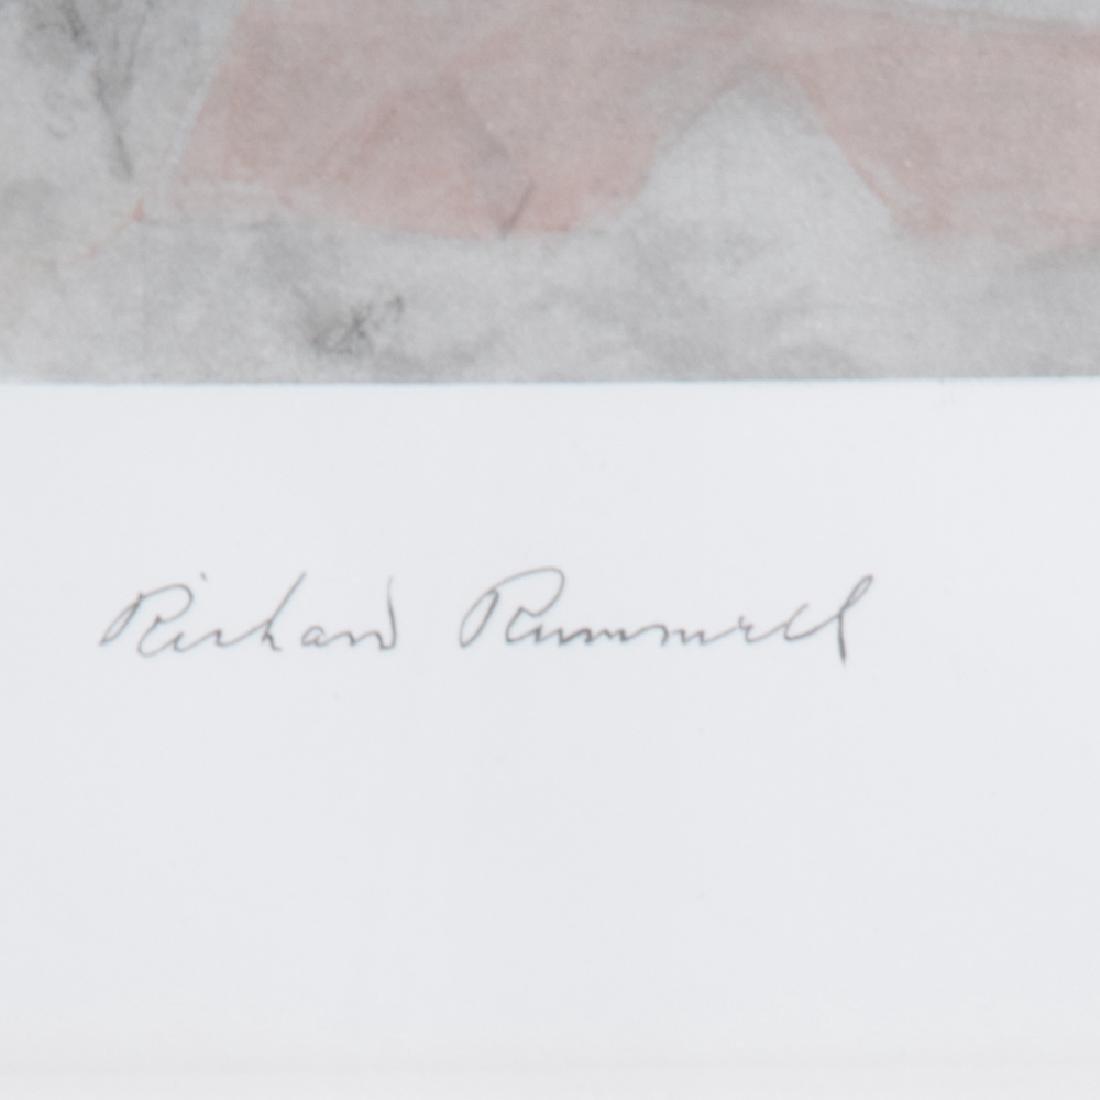 Richard Rummell (1848-1924) Brown University, Hand - 2